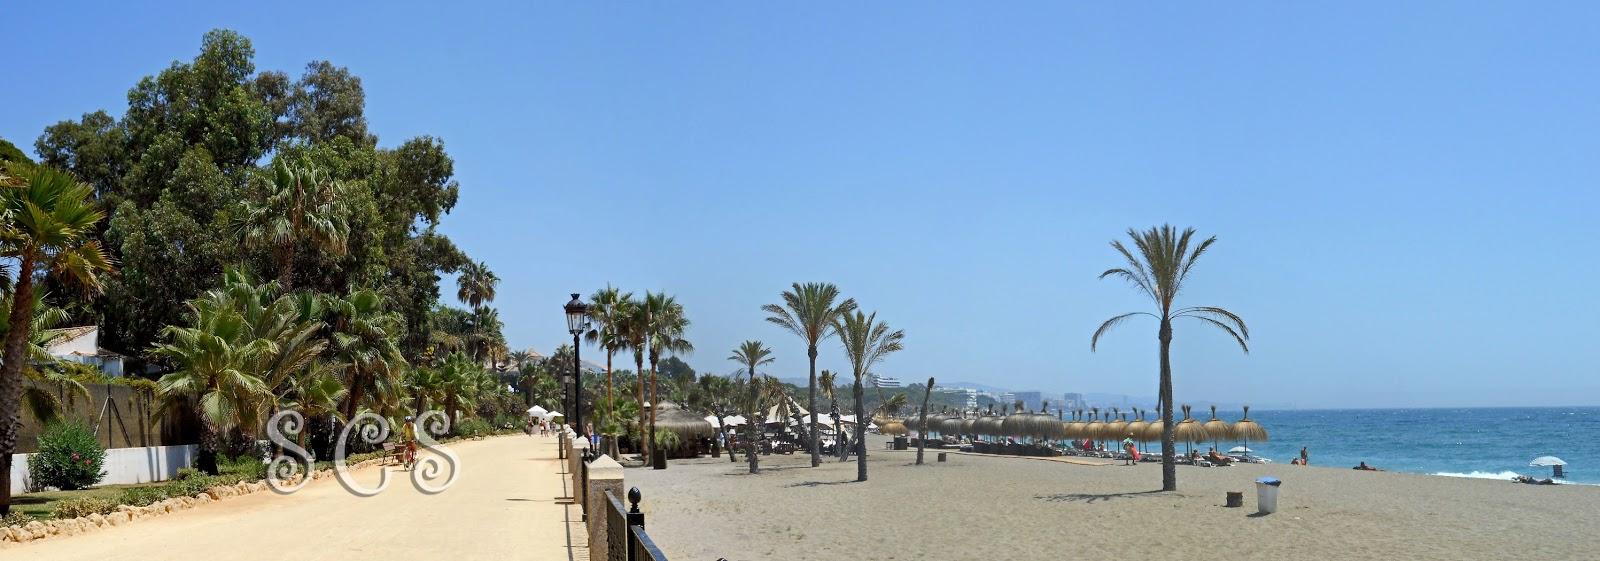 Perfecto erótico paseo en Marbella